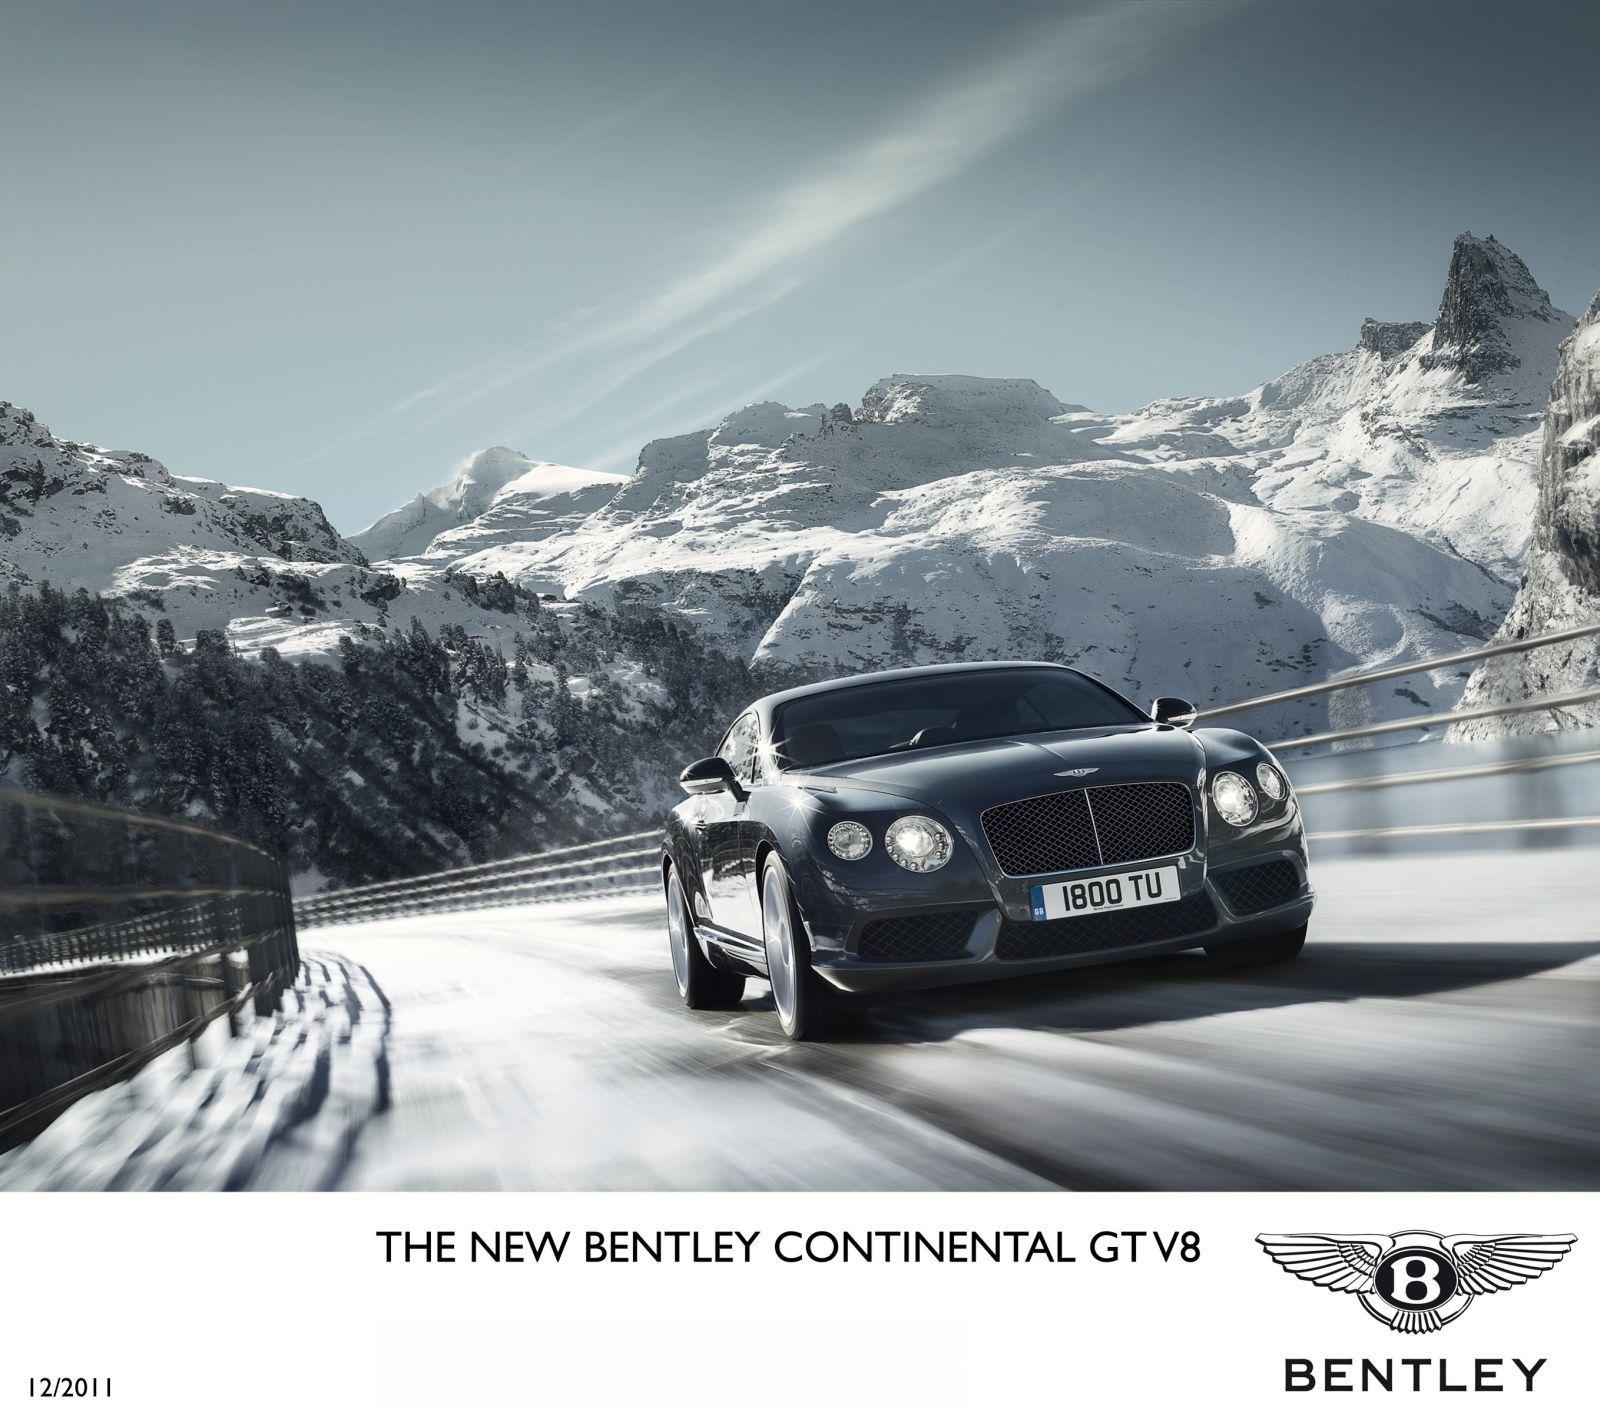 Bentley Gtc Convertible He He He: Revista Coche: Bentley Presenta Su Nuevo Bentley